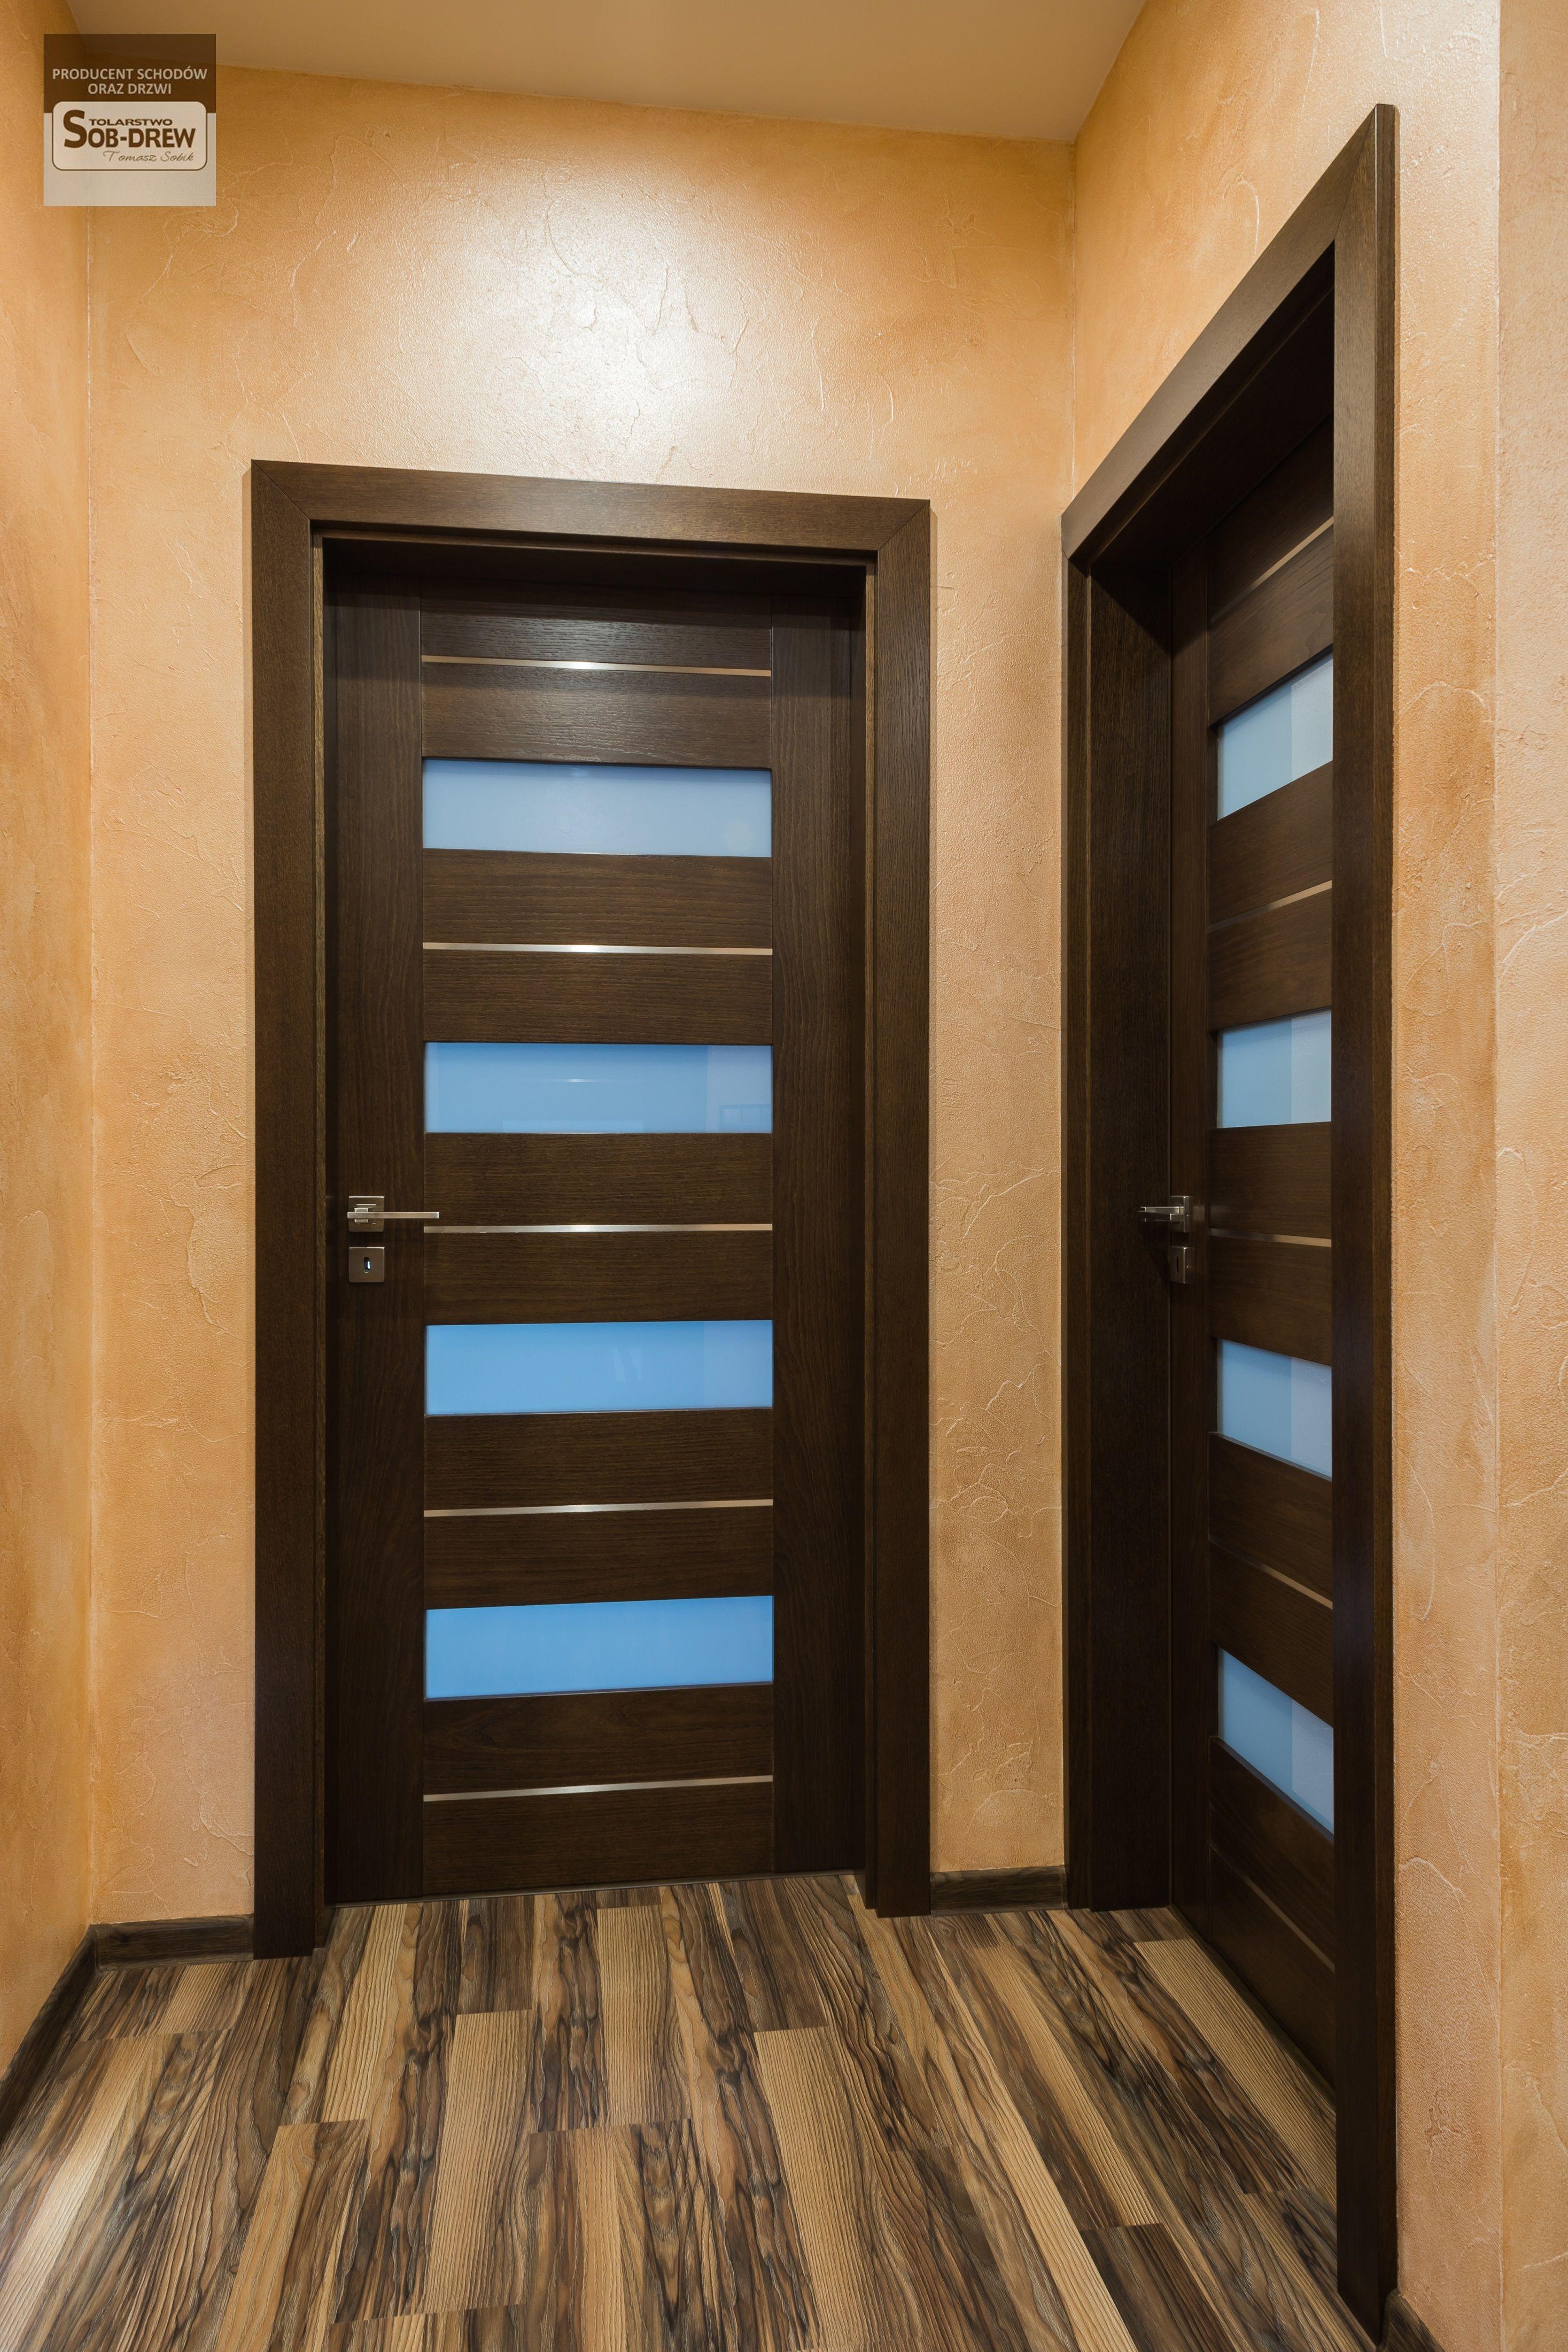 Bezprzylgowe Drzwi Wewnetrzne Z Intarsjami Szklo Mleczne Material Dab My Home Design Future House House